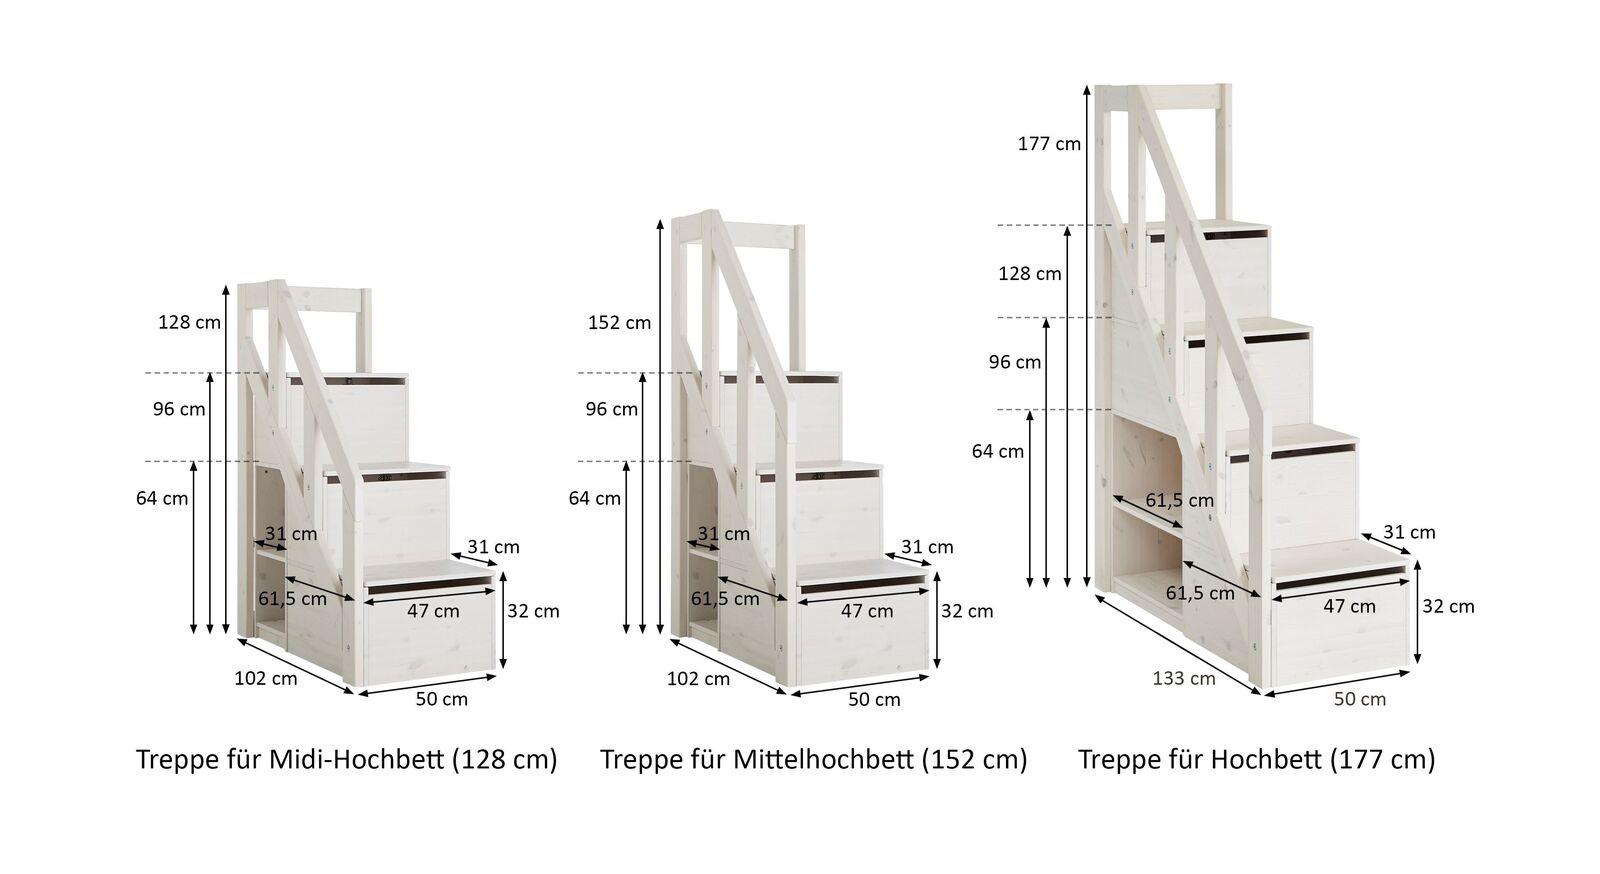 Maßgrafik zum LIFETIME Treppenmodul mit Stauraum